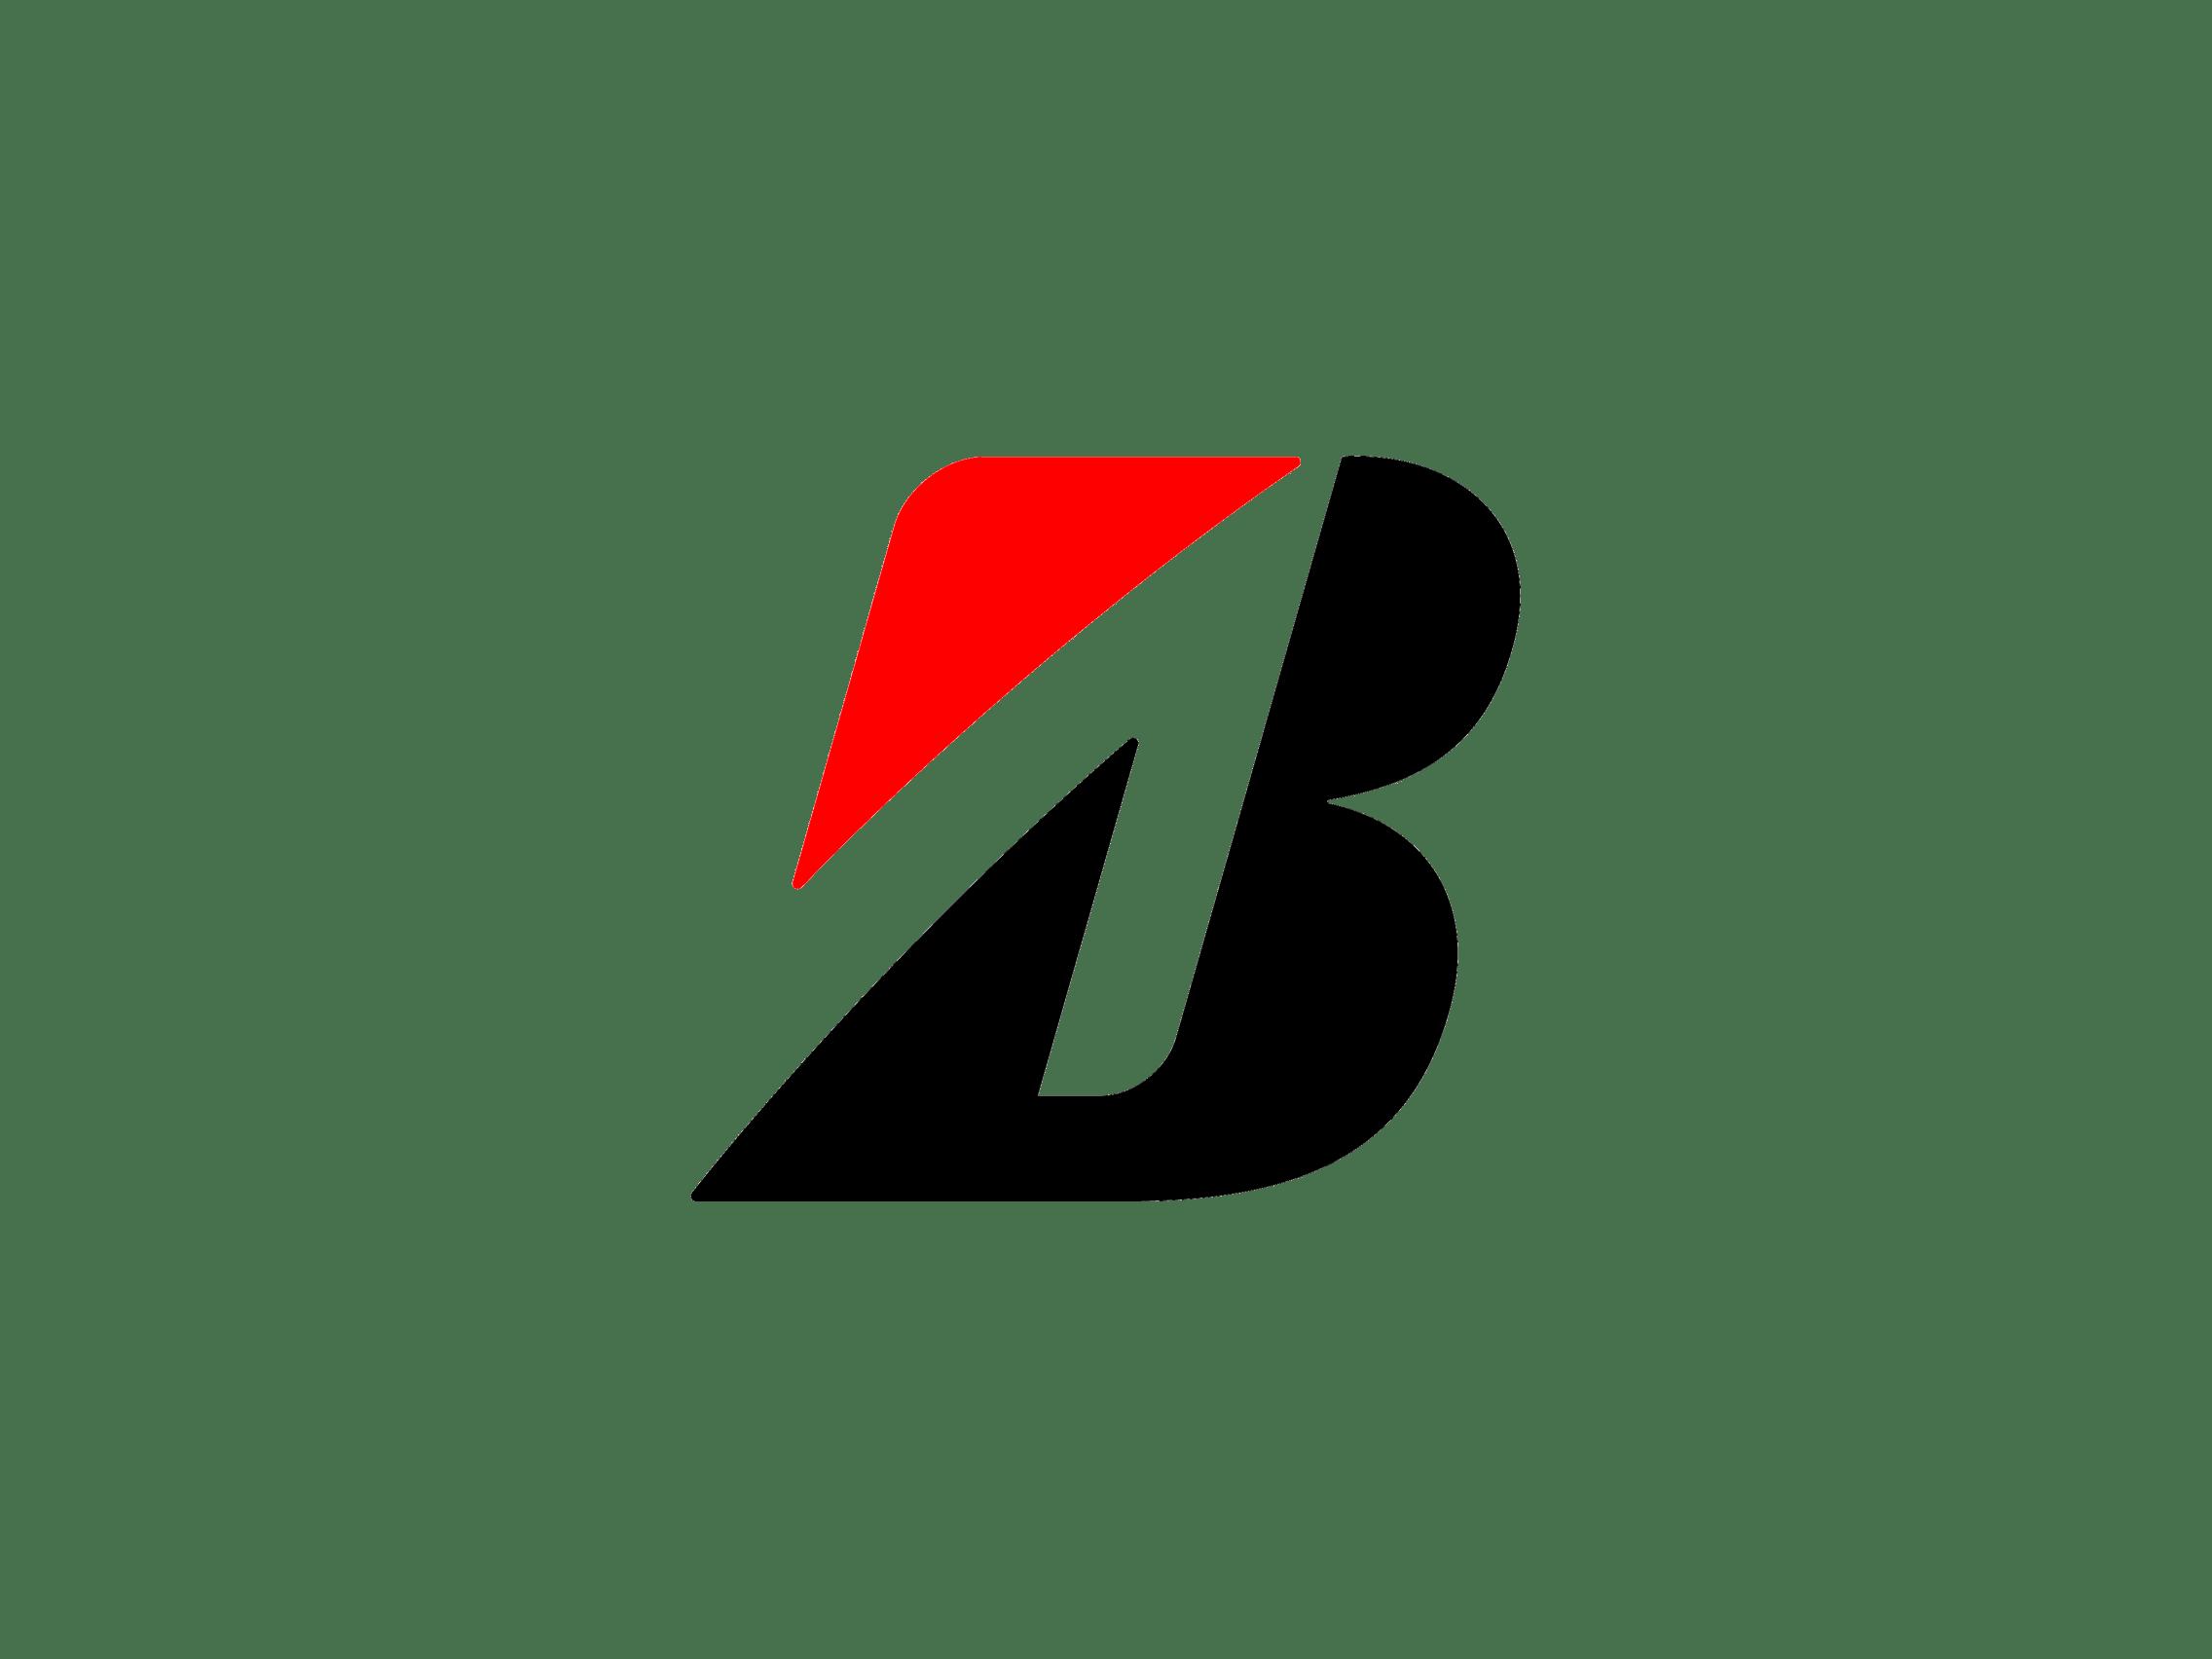 b logo Logo_B Pinterest Logos